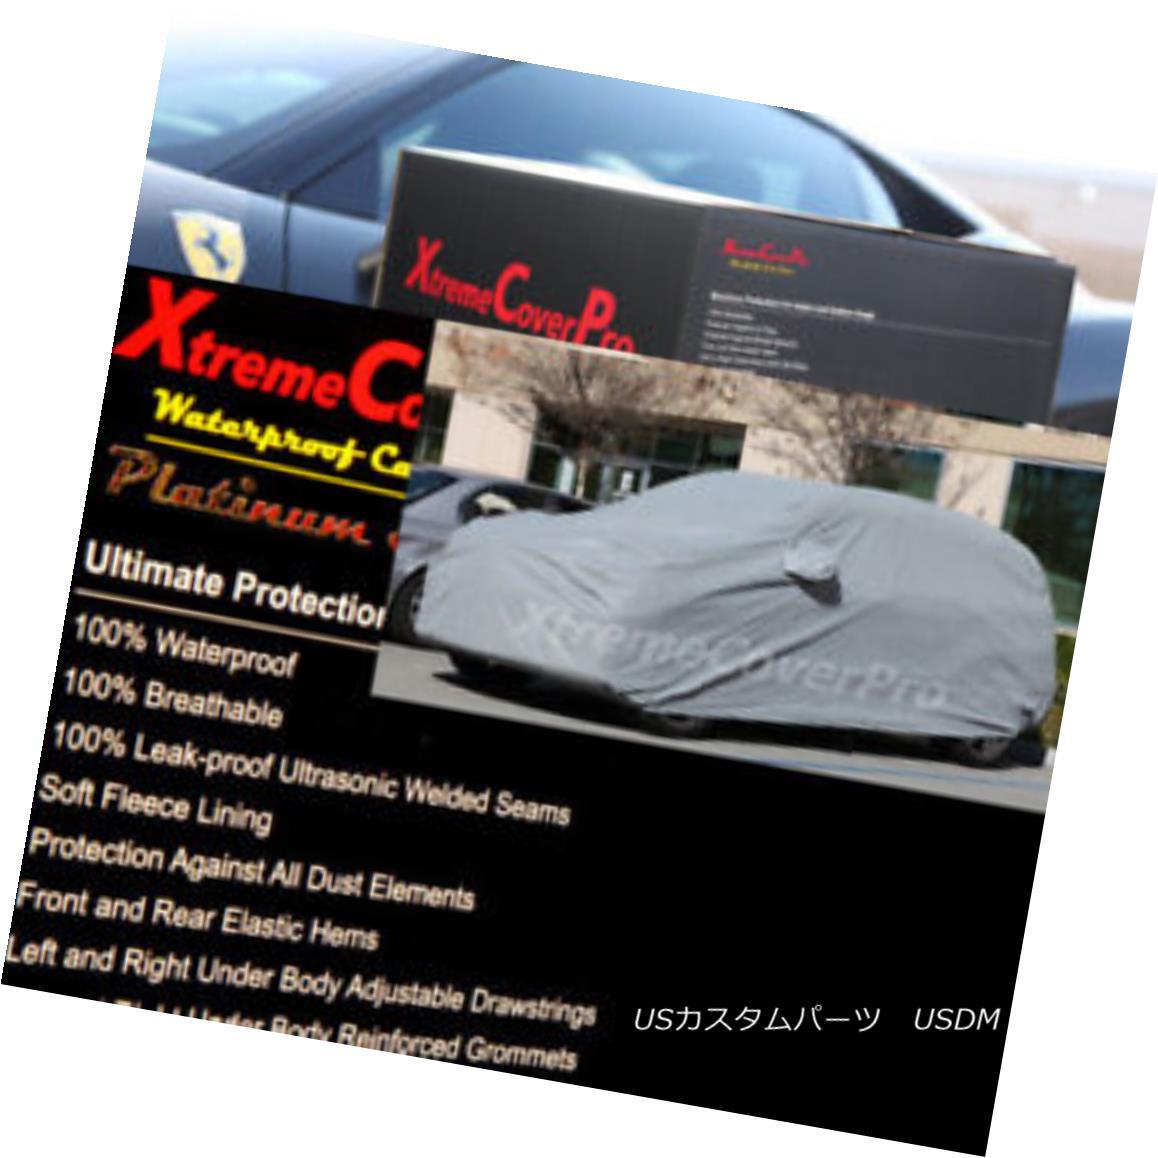 カーカバー WATERPROOF CAR COVER W/MIRROR POCKET GRAY FOR 2018 2017 2016 2015 NISSAN ARMADA 2018年防水カーカバーW / MIRRORポケットグレー2017 2016 2015日産ARMADA